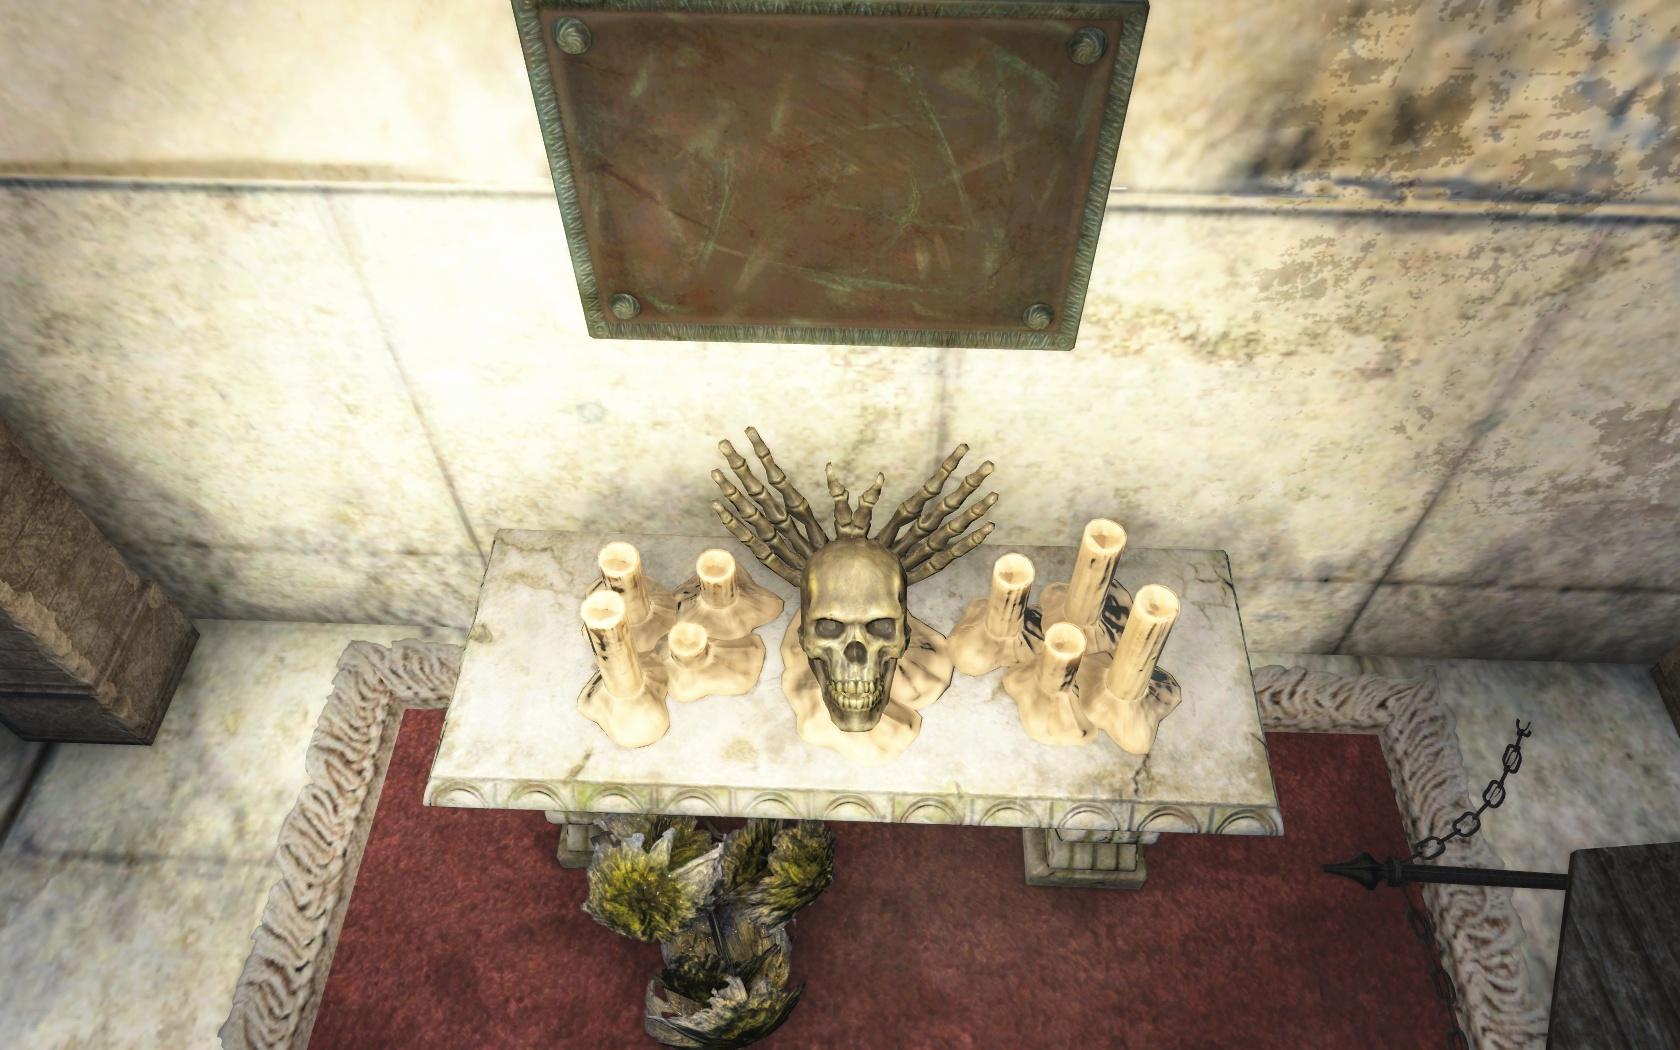 Красивые рожки (Кладбище Вайлдвуда) - Fallout 4 Вайлдвуд, Кладбище, Кладбище Вайлдвуда, Скелет